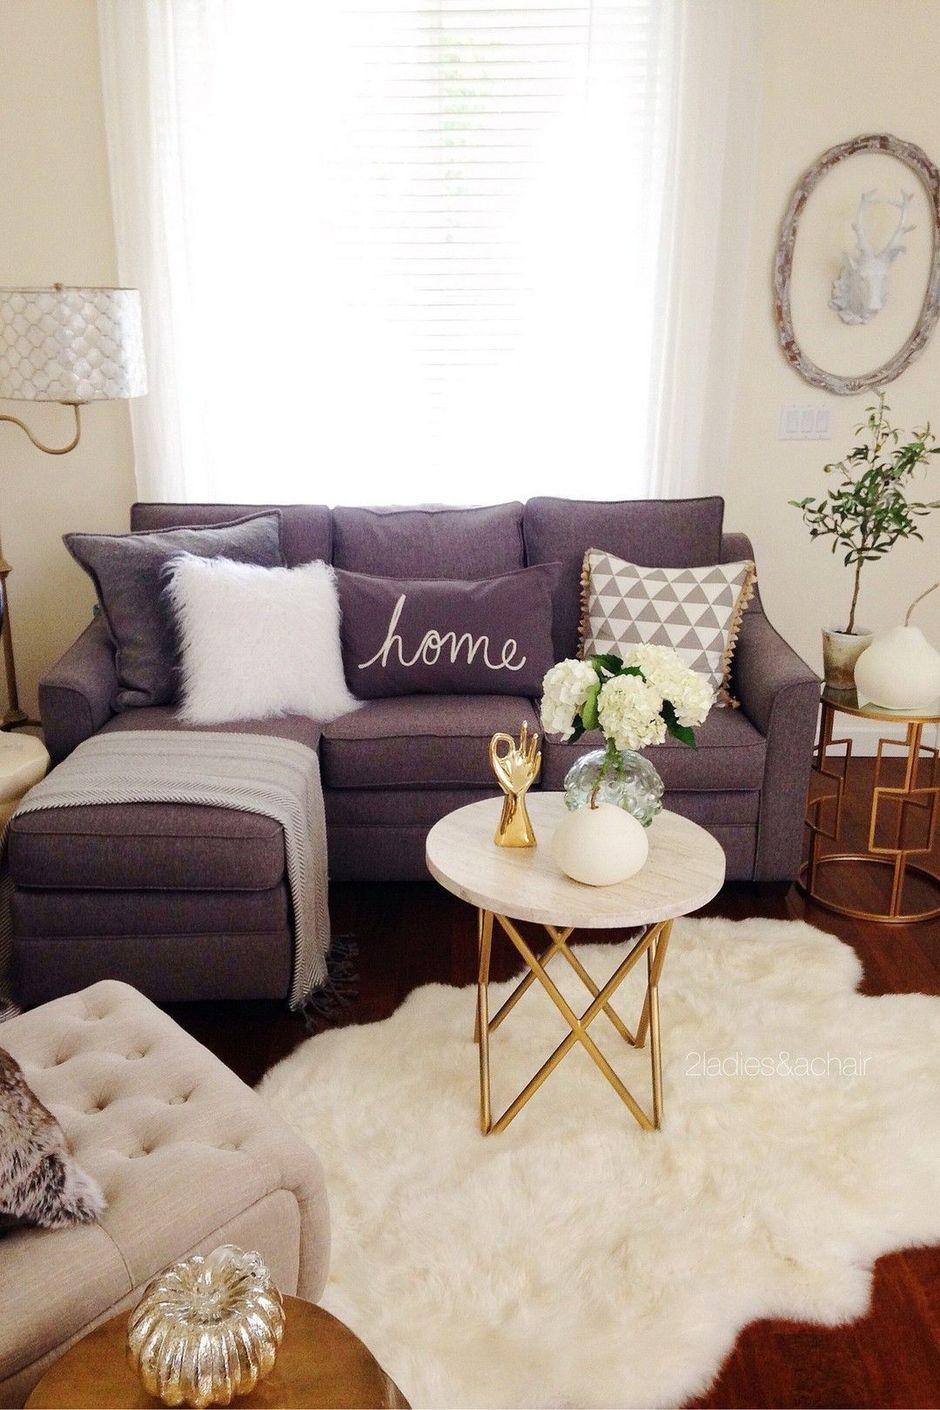 apartment decor budget